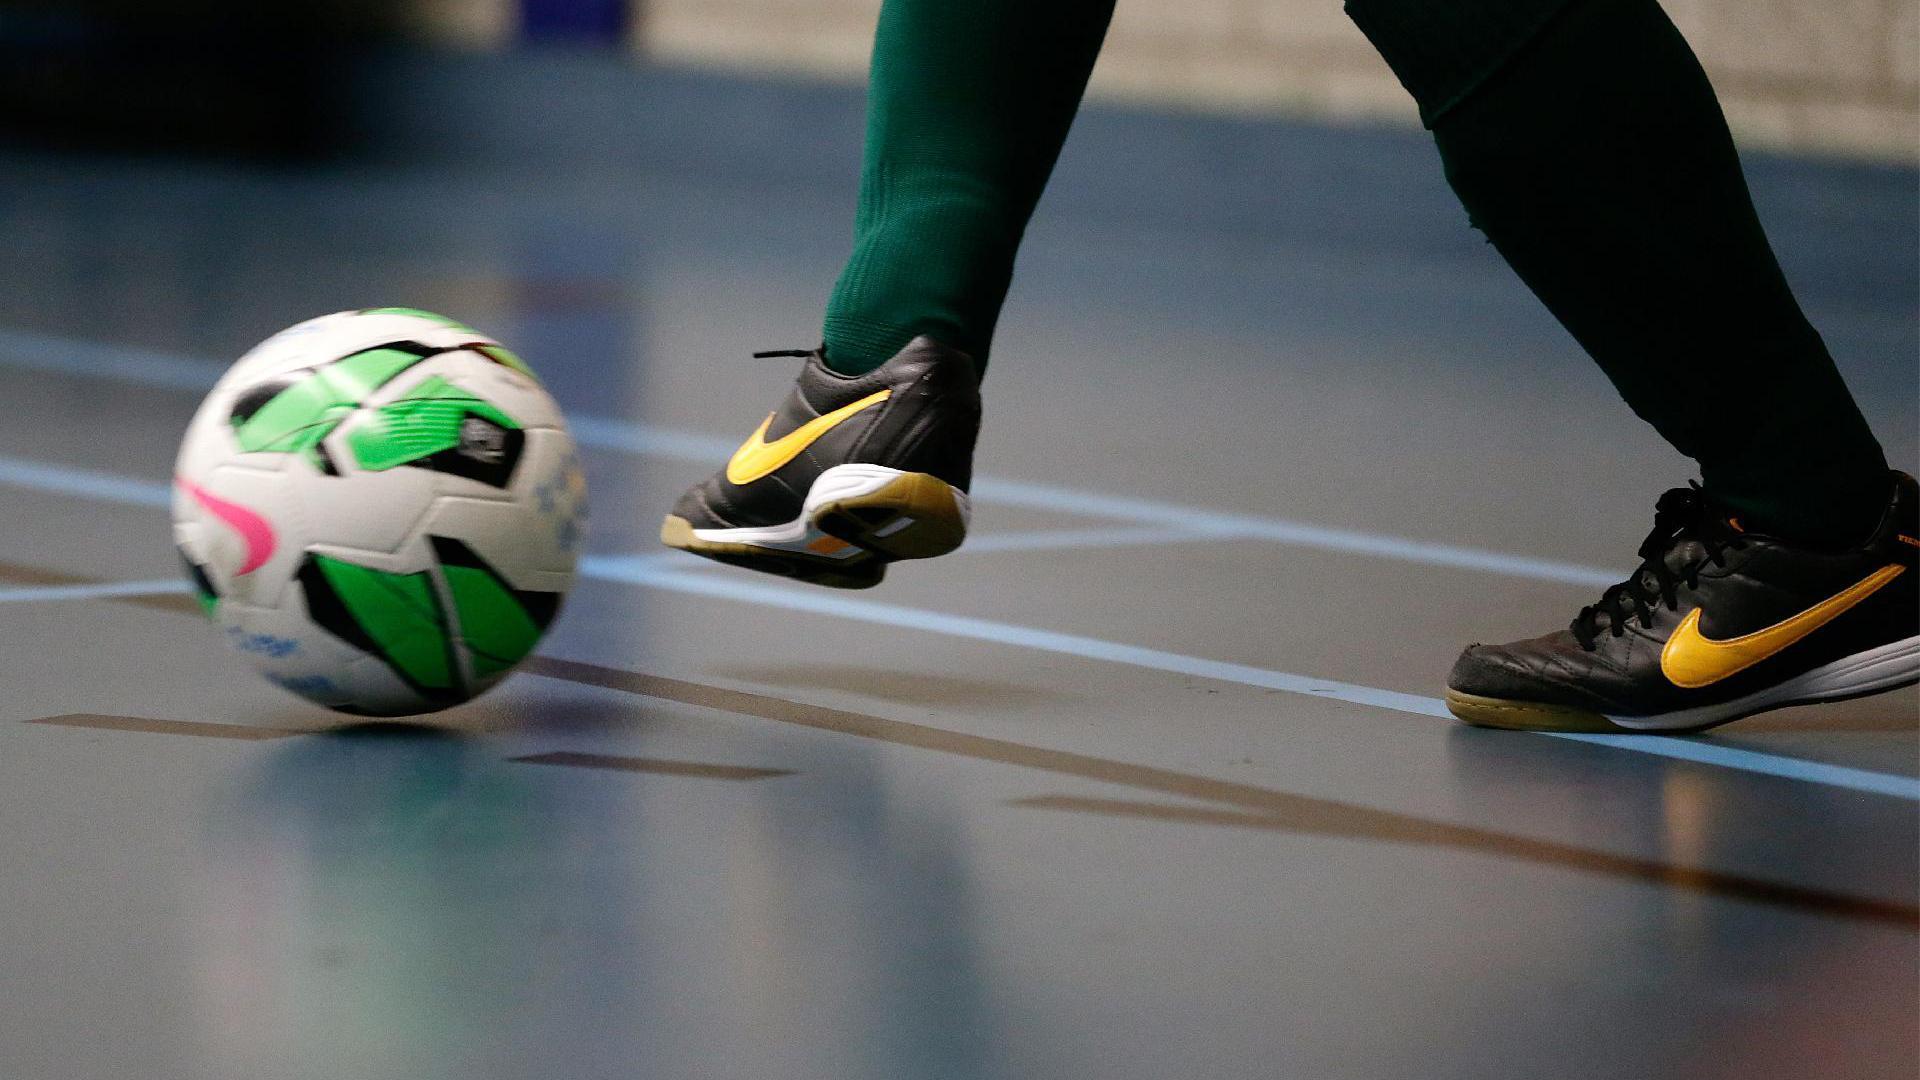 Doorstart eredivisie zaalvoetbal dure grap voor de clubs: 750 euro per potje